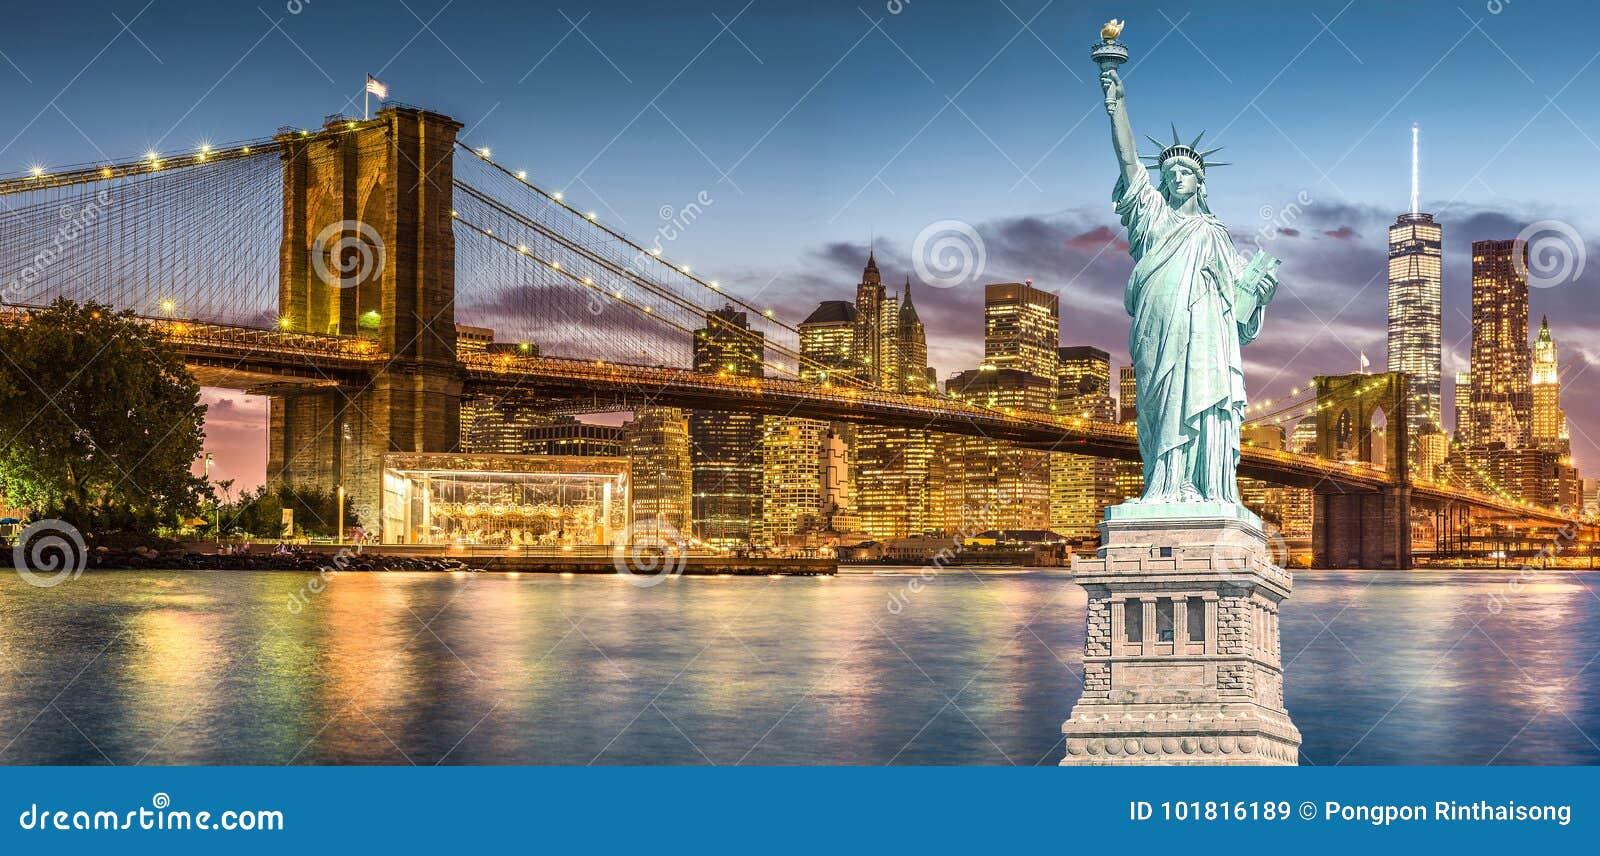 自由女神像和布鲁克林大桥有世界贸易中心背景暮色日落视图,纽约地标